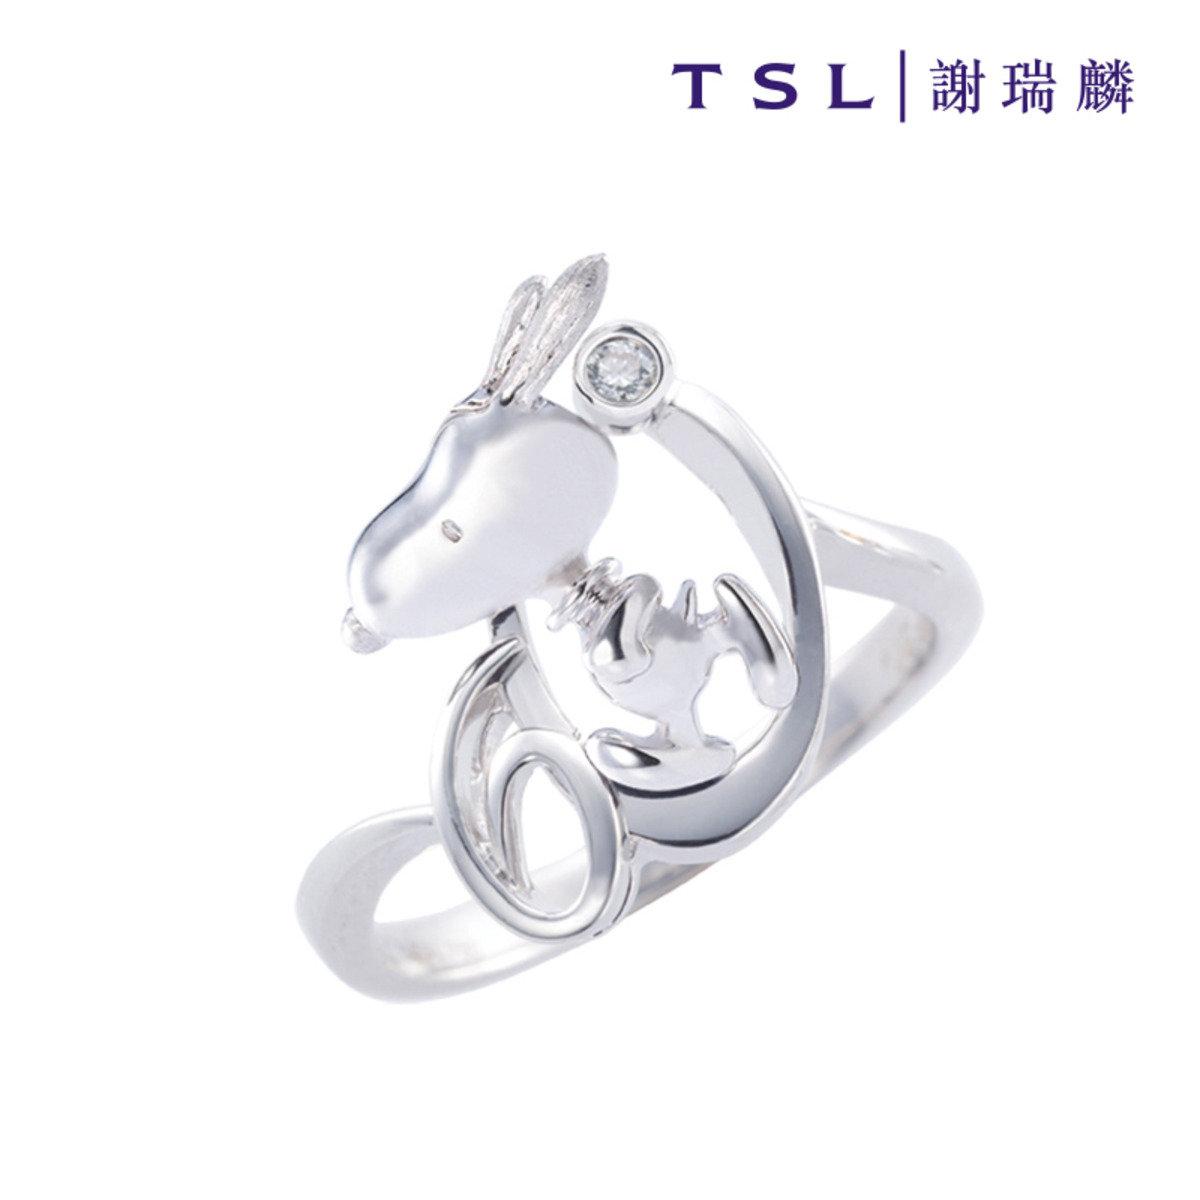 史努比750/18K白色黃金鑲天然鑽石戒指